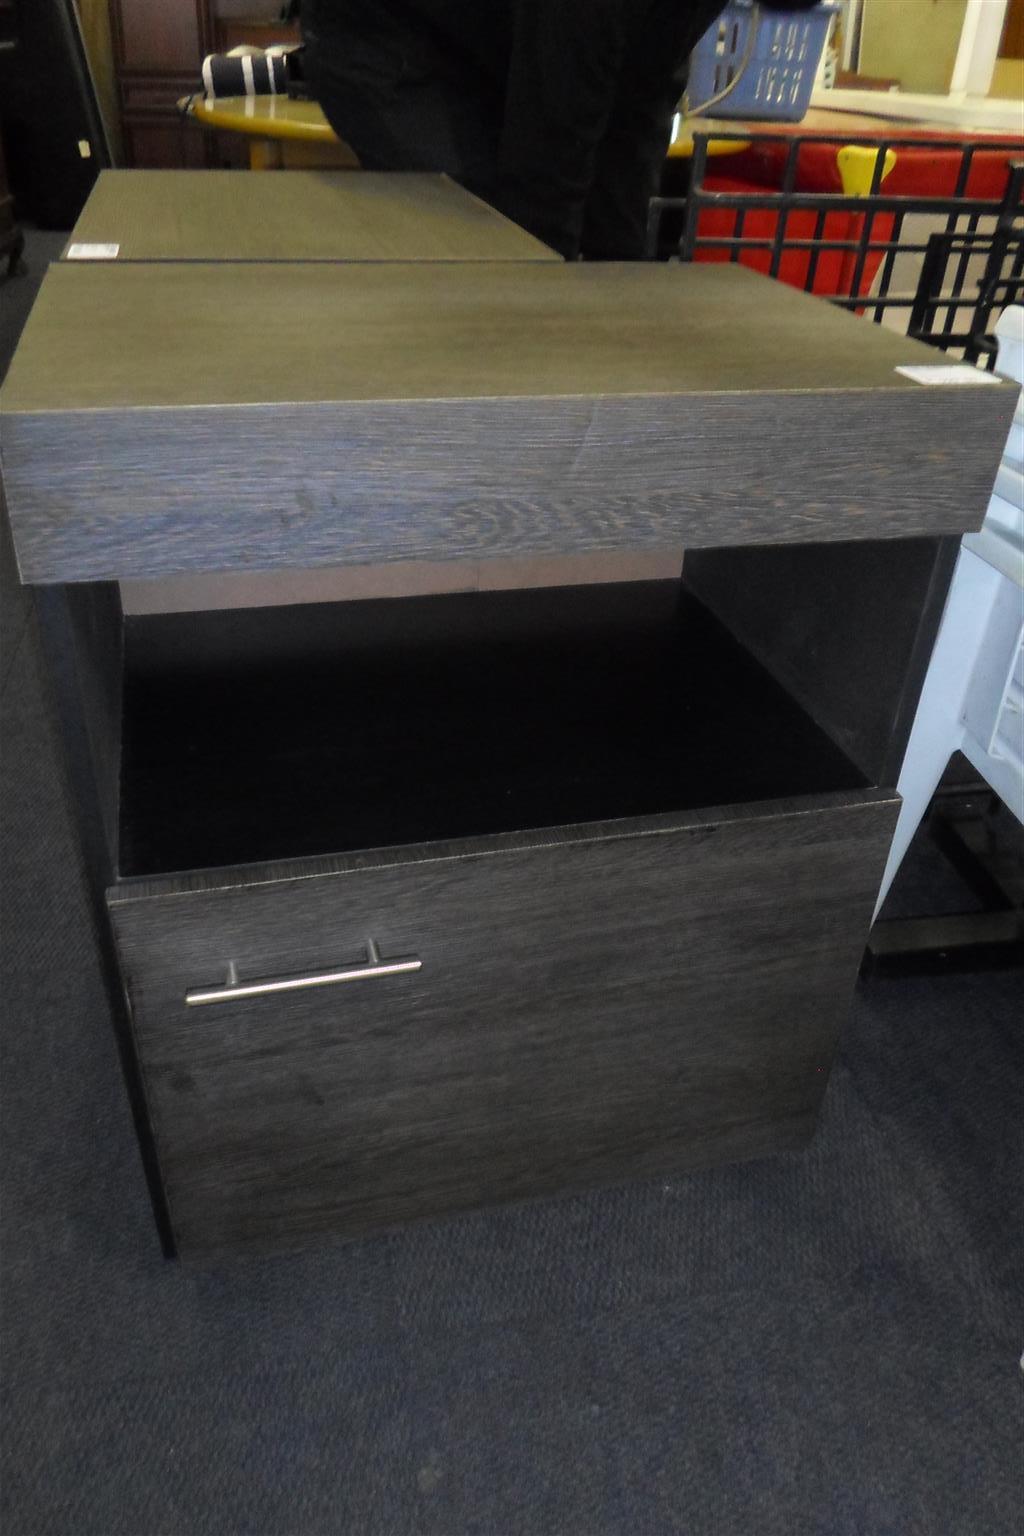 2x Wooden Pedestals - B033043262-1-2